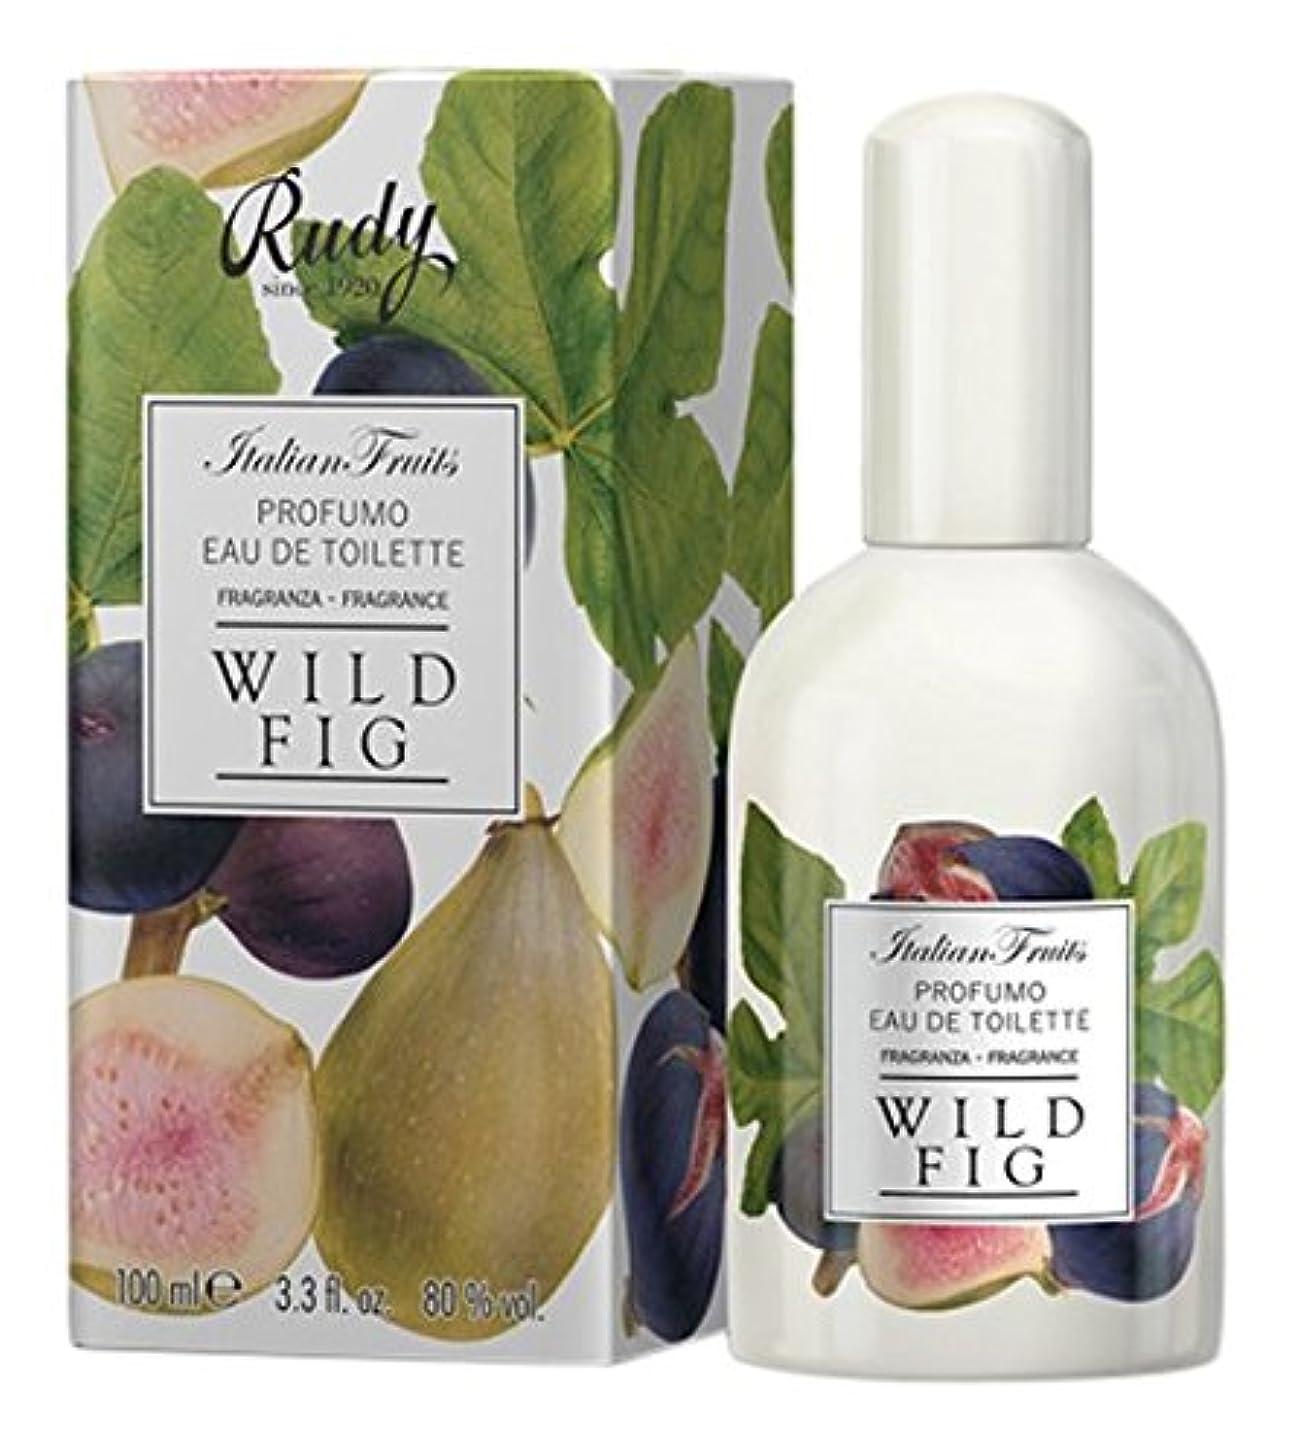 注釈生き残ります生物学RUDY Italian Fruits Series ルディ イタリアンフルーツ Eau De Toilette オードトワレ Wild Fig